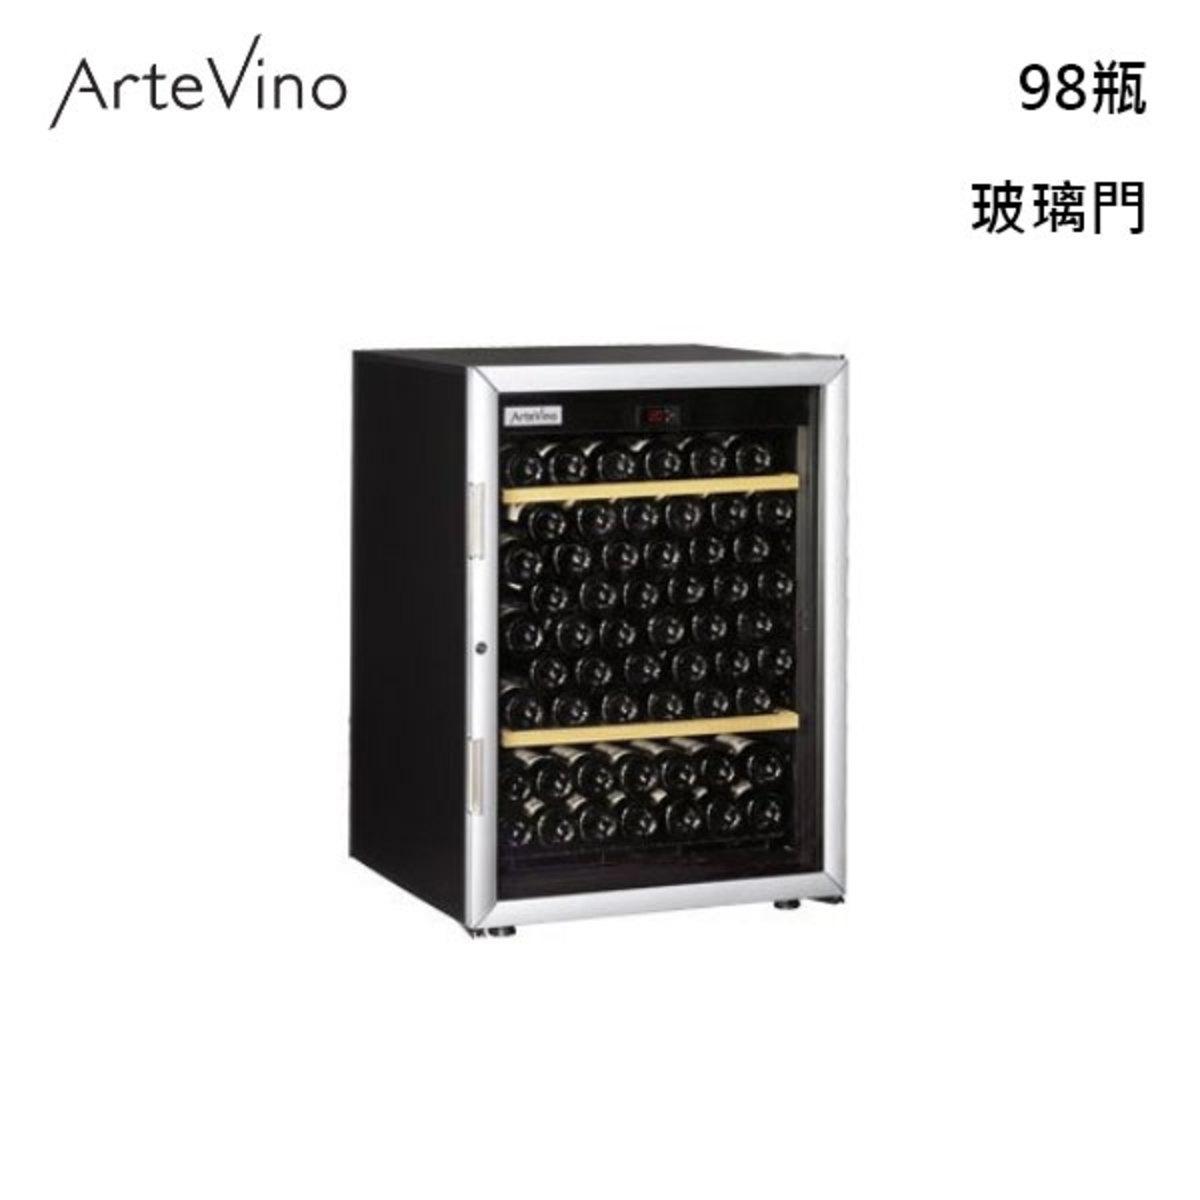 Artevino OXPIT98NVD 單溫 玻璃門酒櫃 98瓶